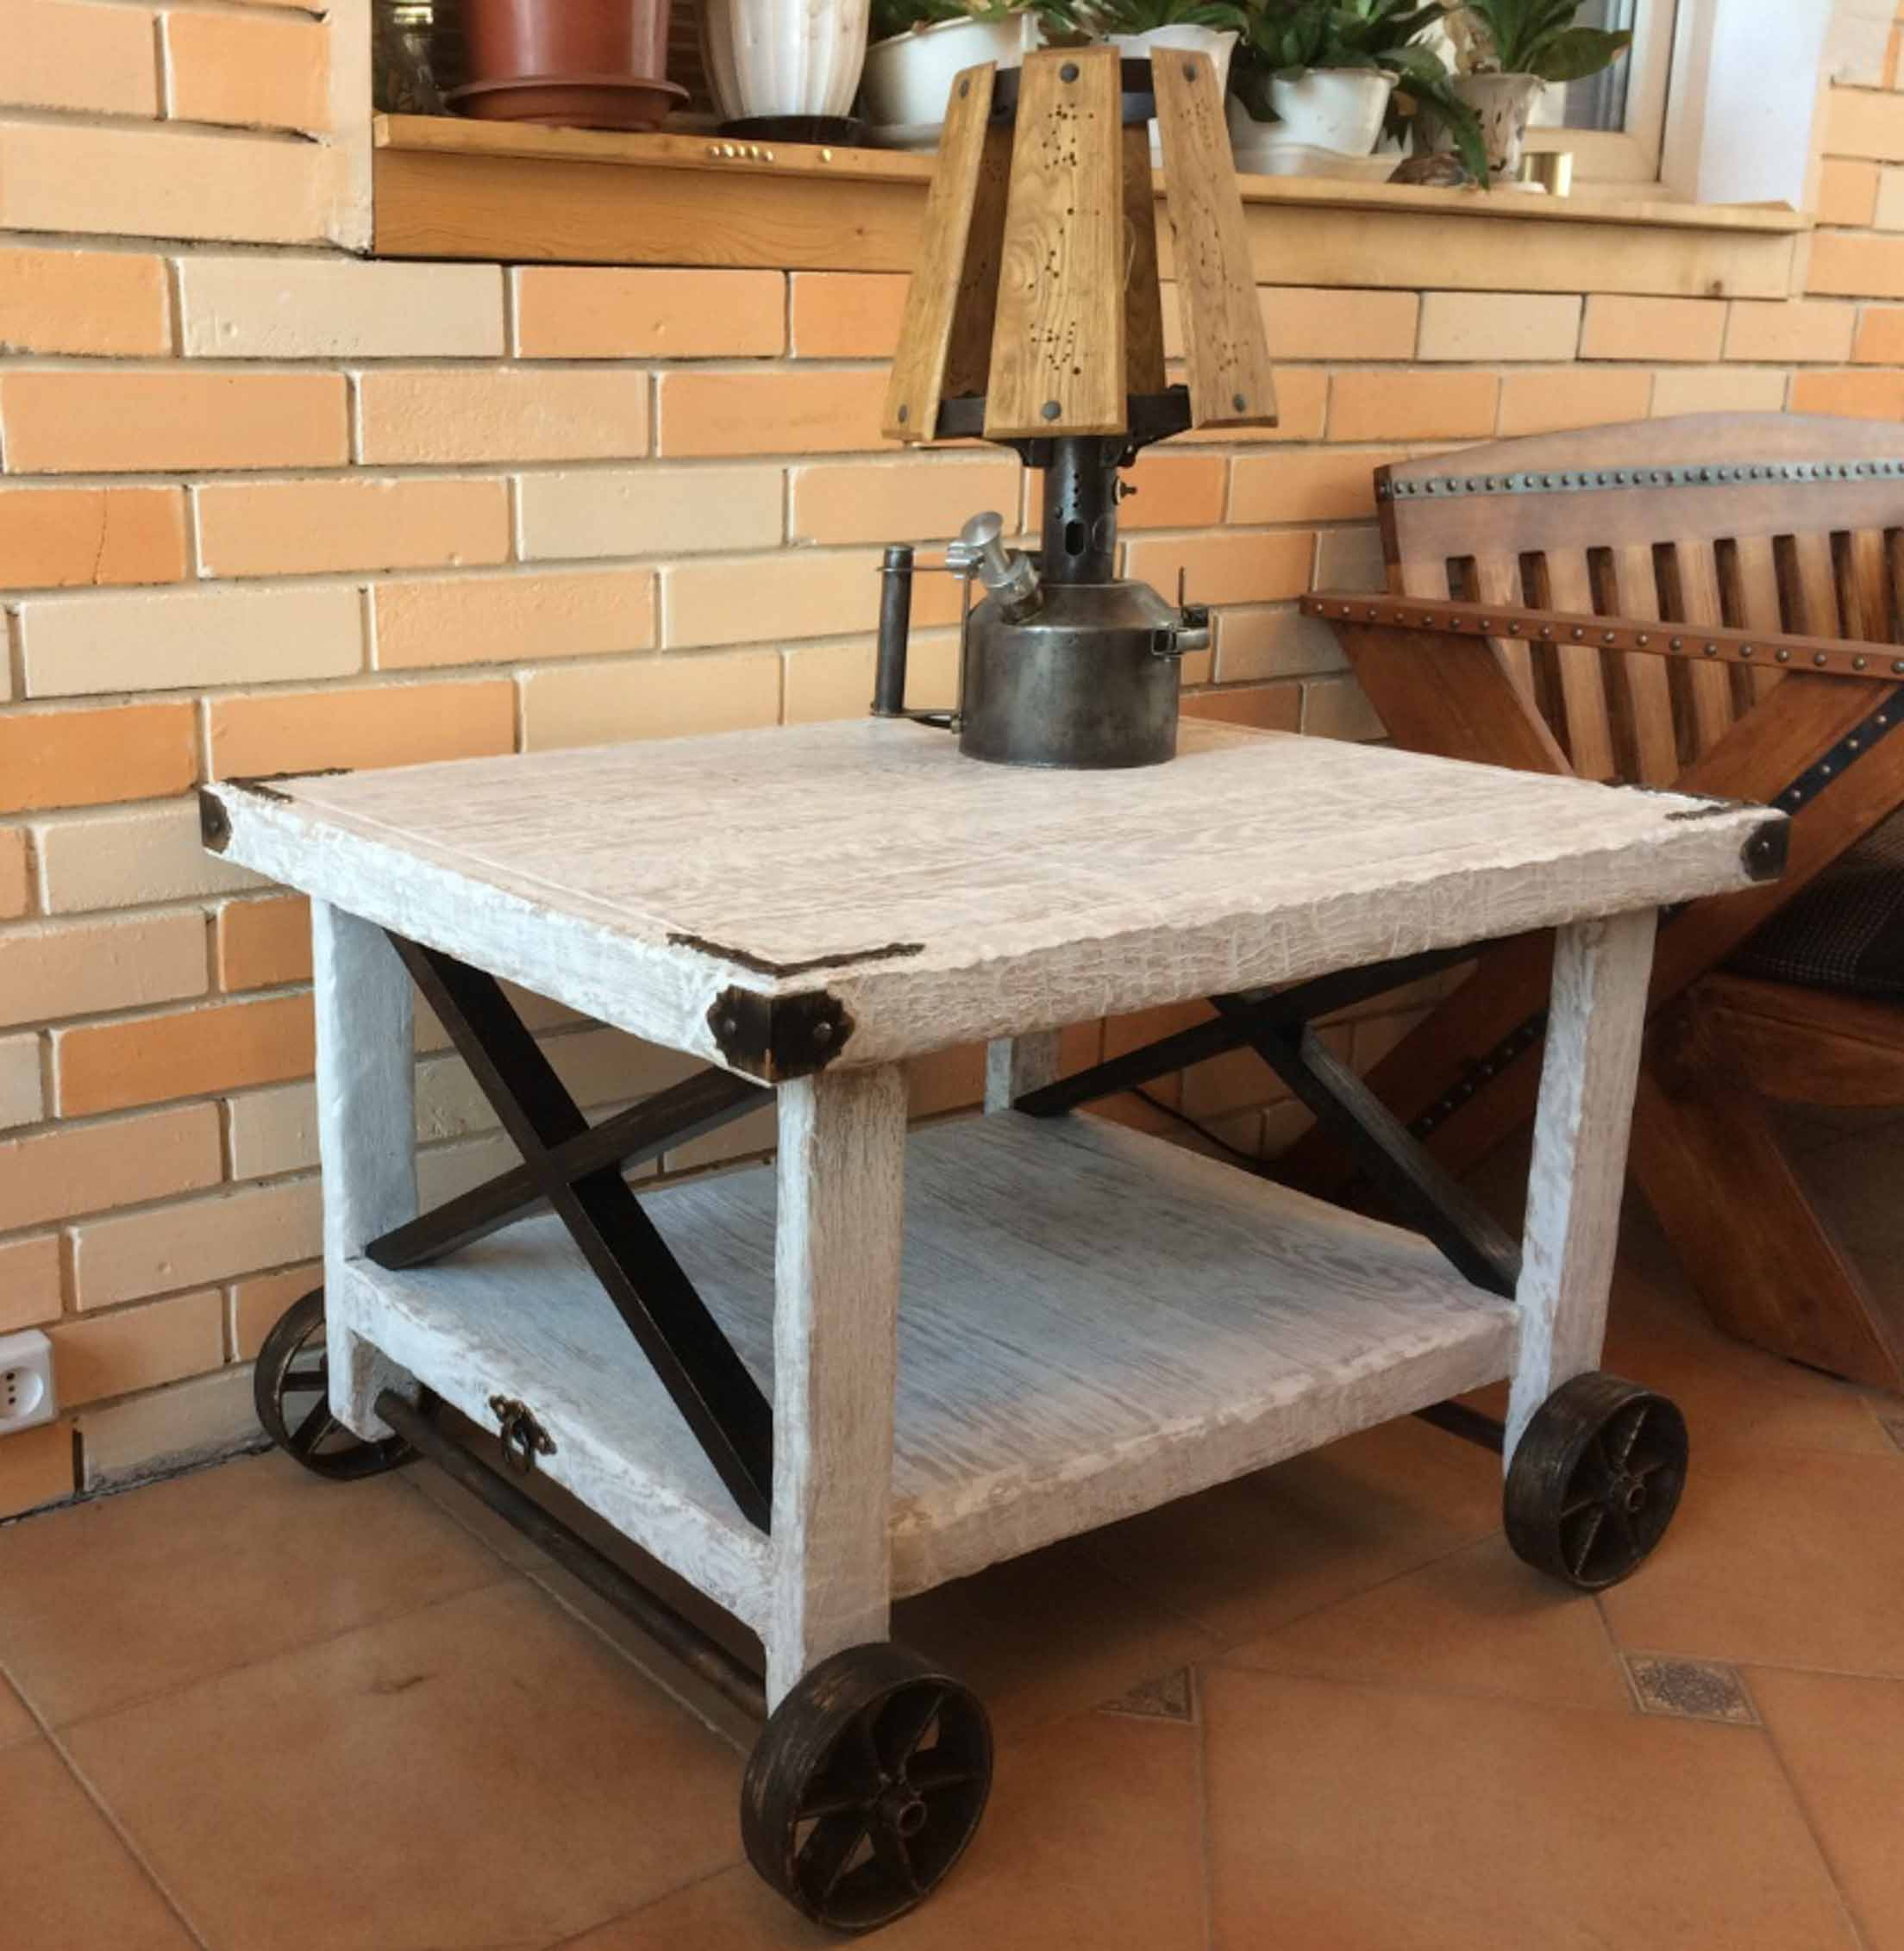 Журнальный столик. Стиль лофт. фото 1